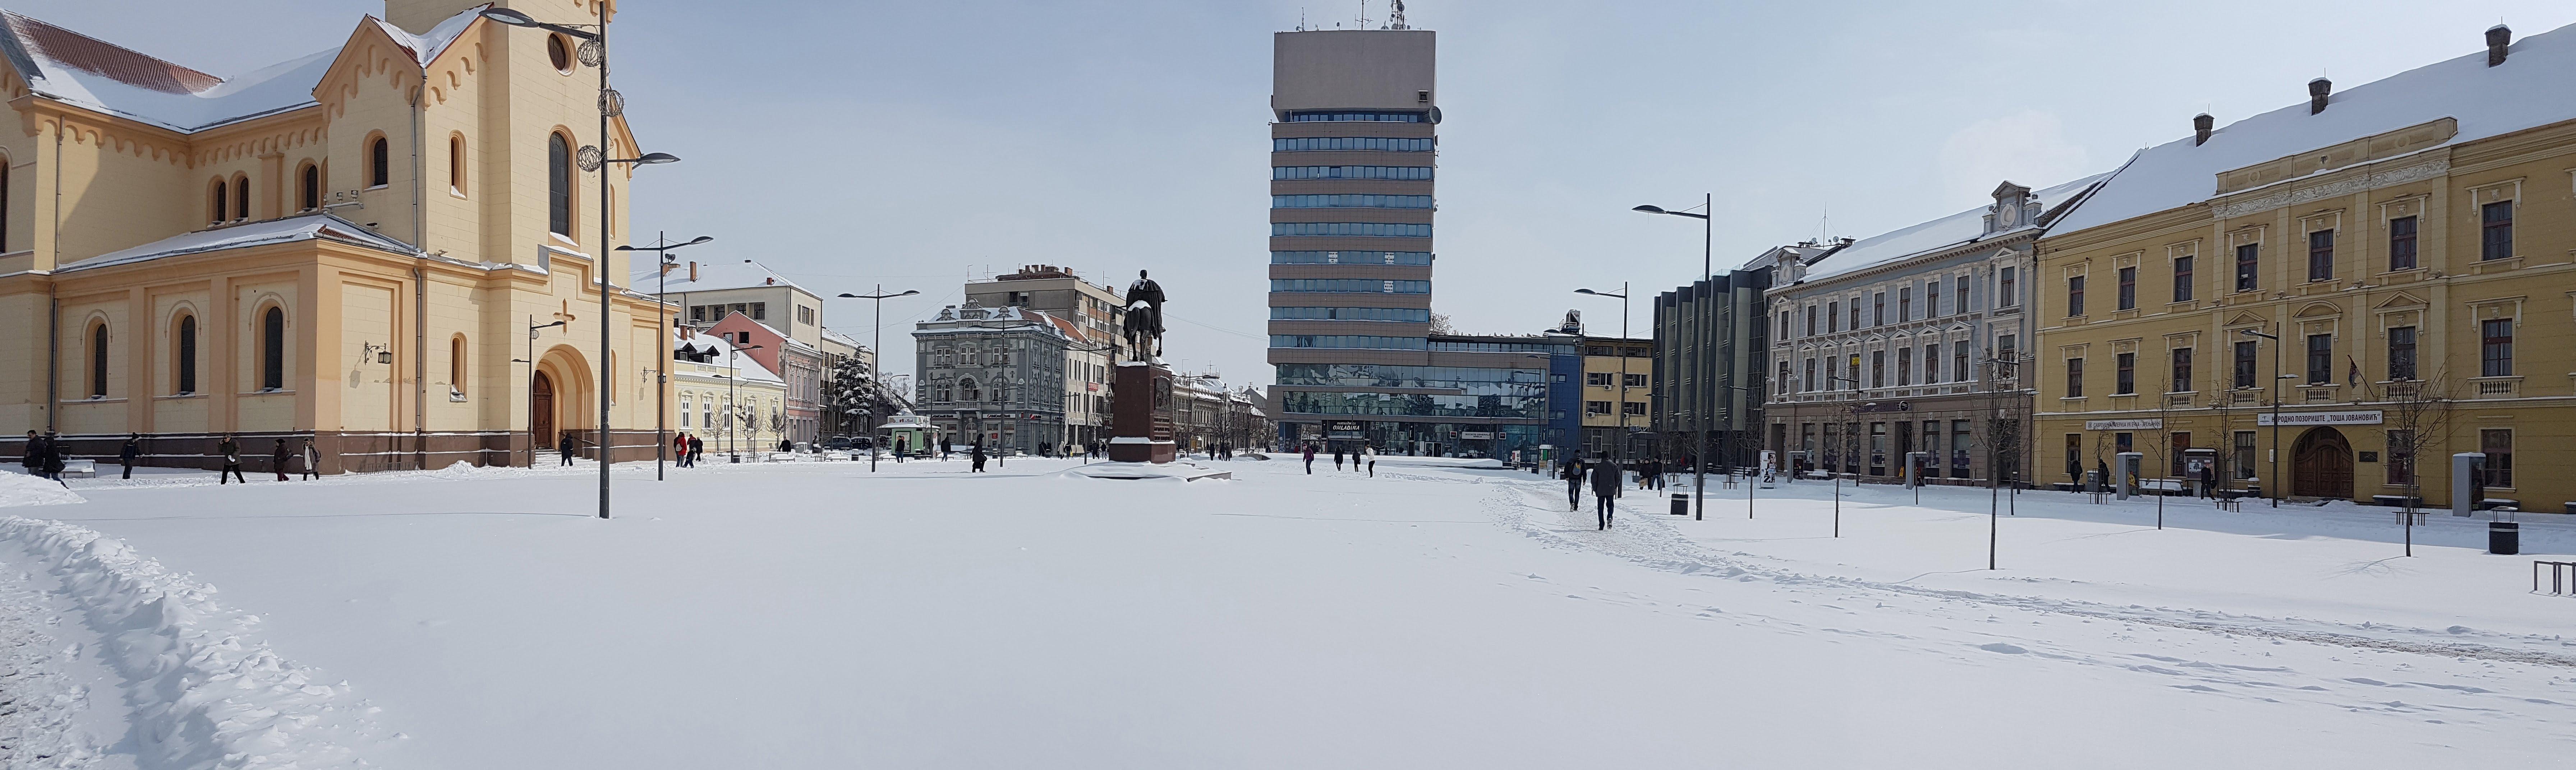 Panorama zavejanog trga Zrenjanin - 27. februar